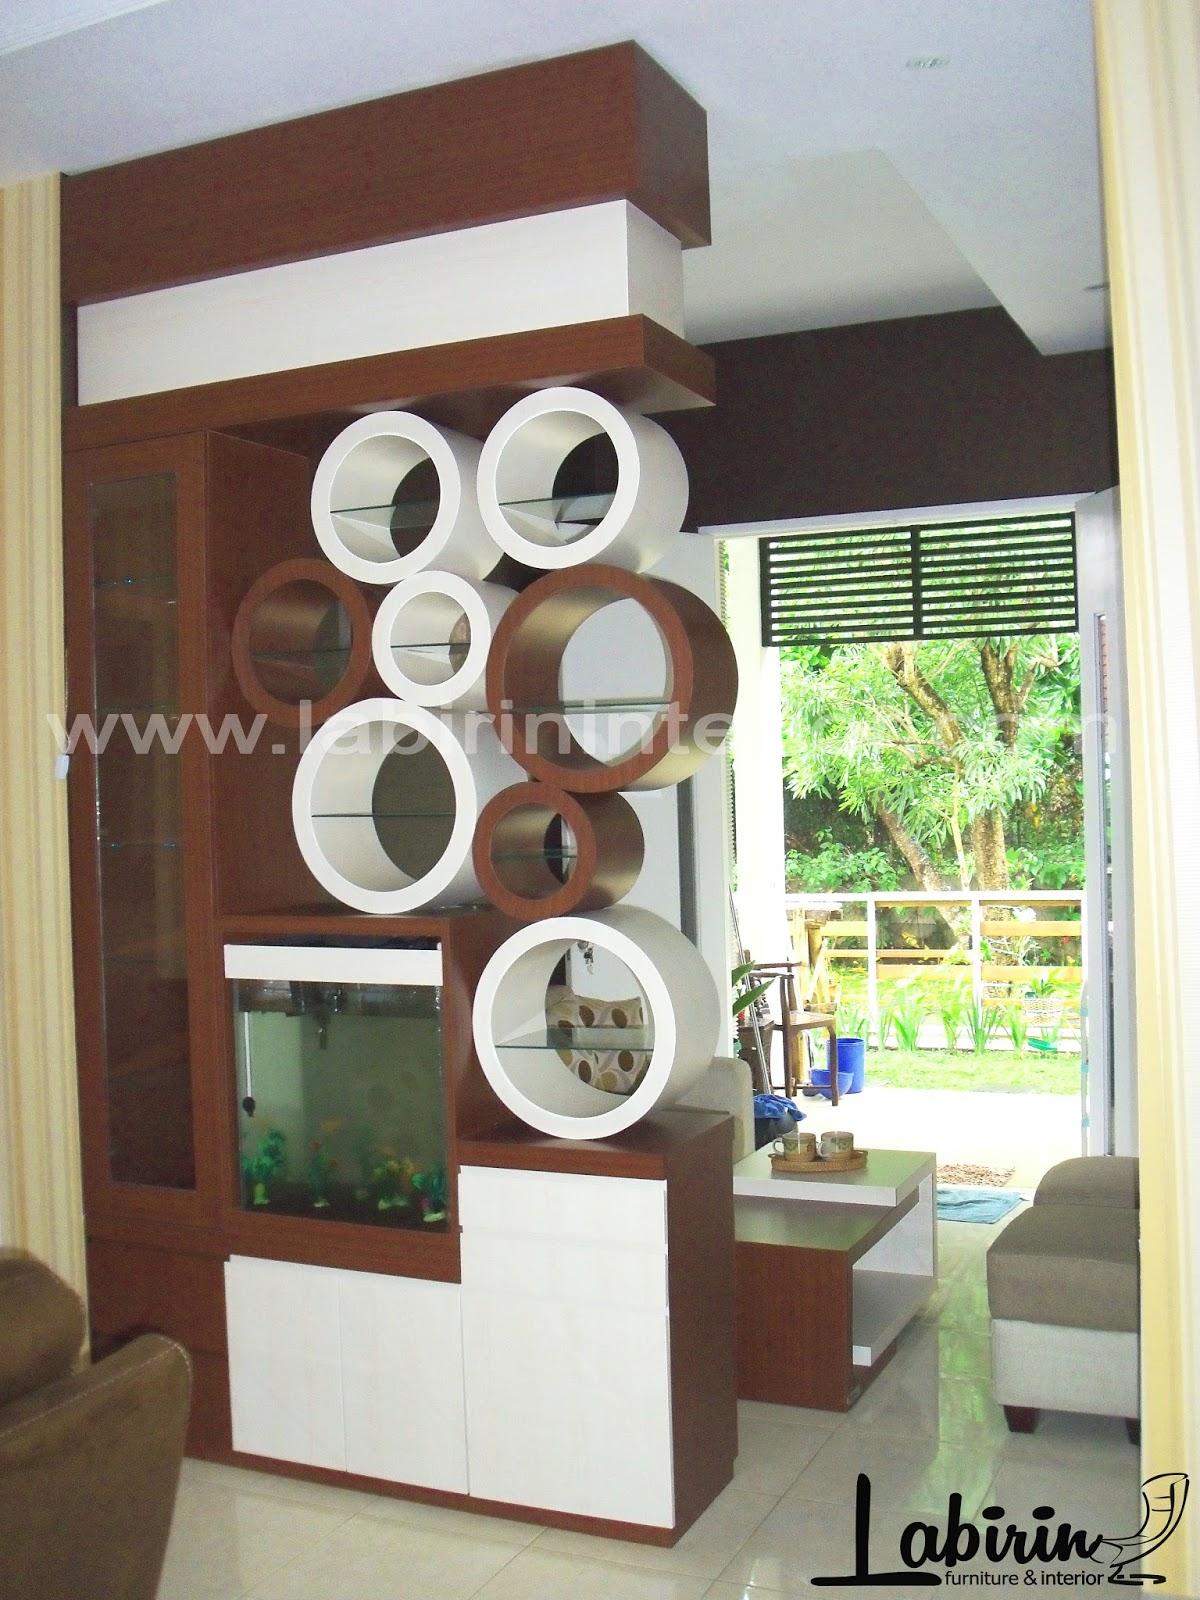 Desain Akuarium Ruang Tamu Sketsa Rumah